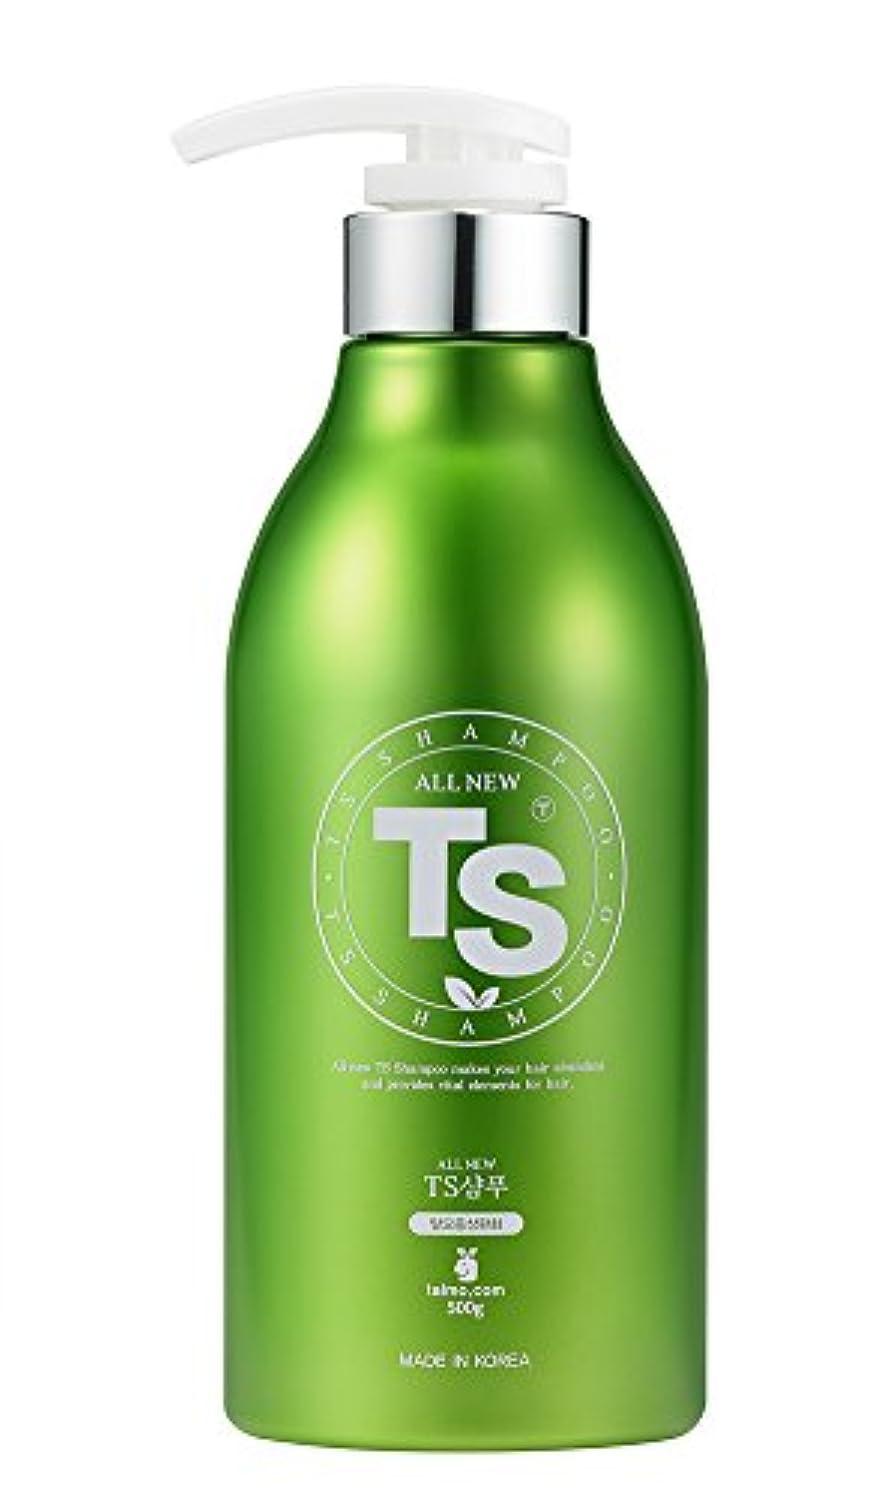 広く恥ずかしいルーフオールニュー ティーエス シャンプー all new TS Shampoo (500g)